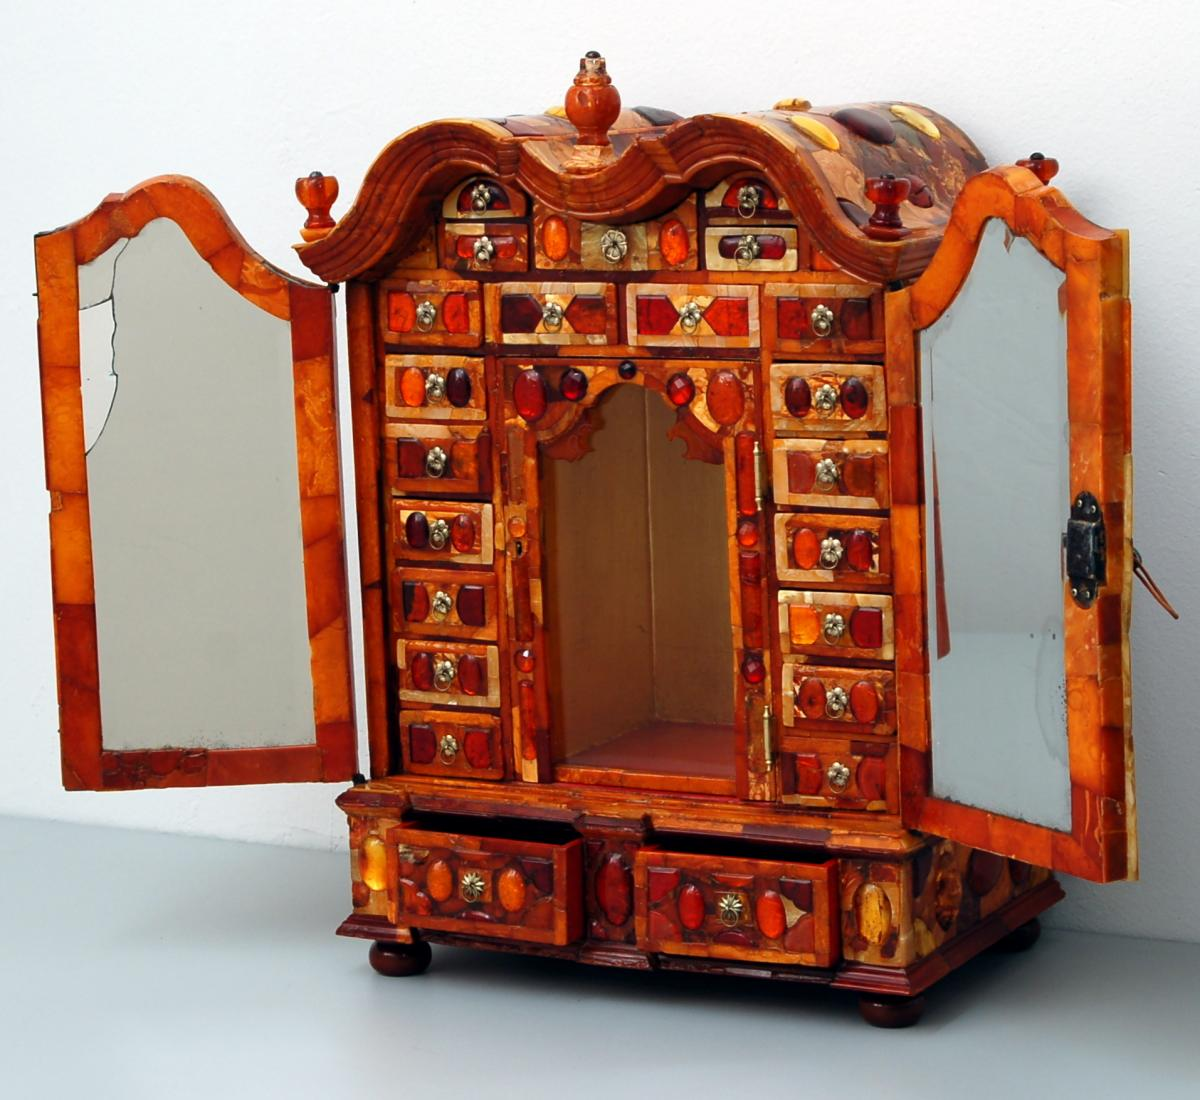 Art Culo Sobre La Restauraci N De Un Excepcional Mueble De Mbar  # Muebles Peinadores De Madera